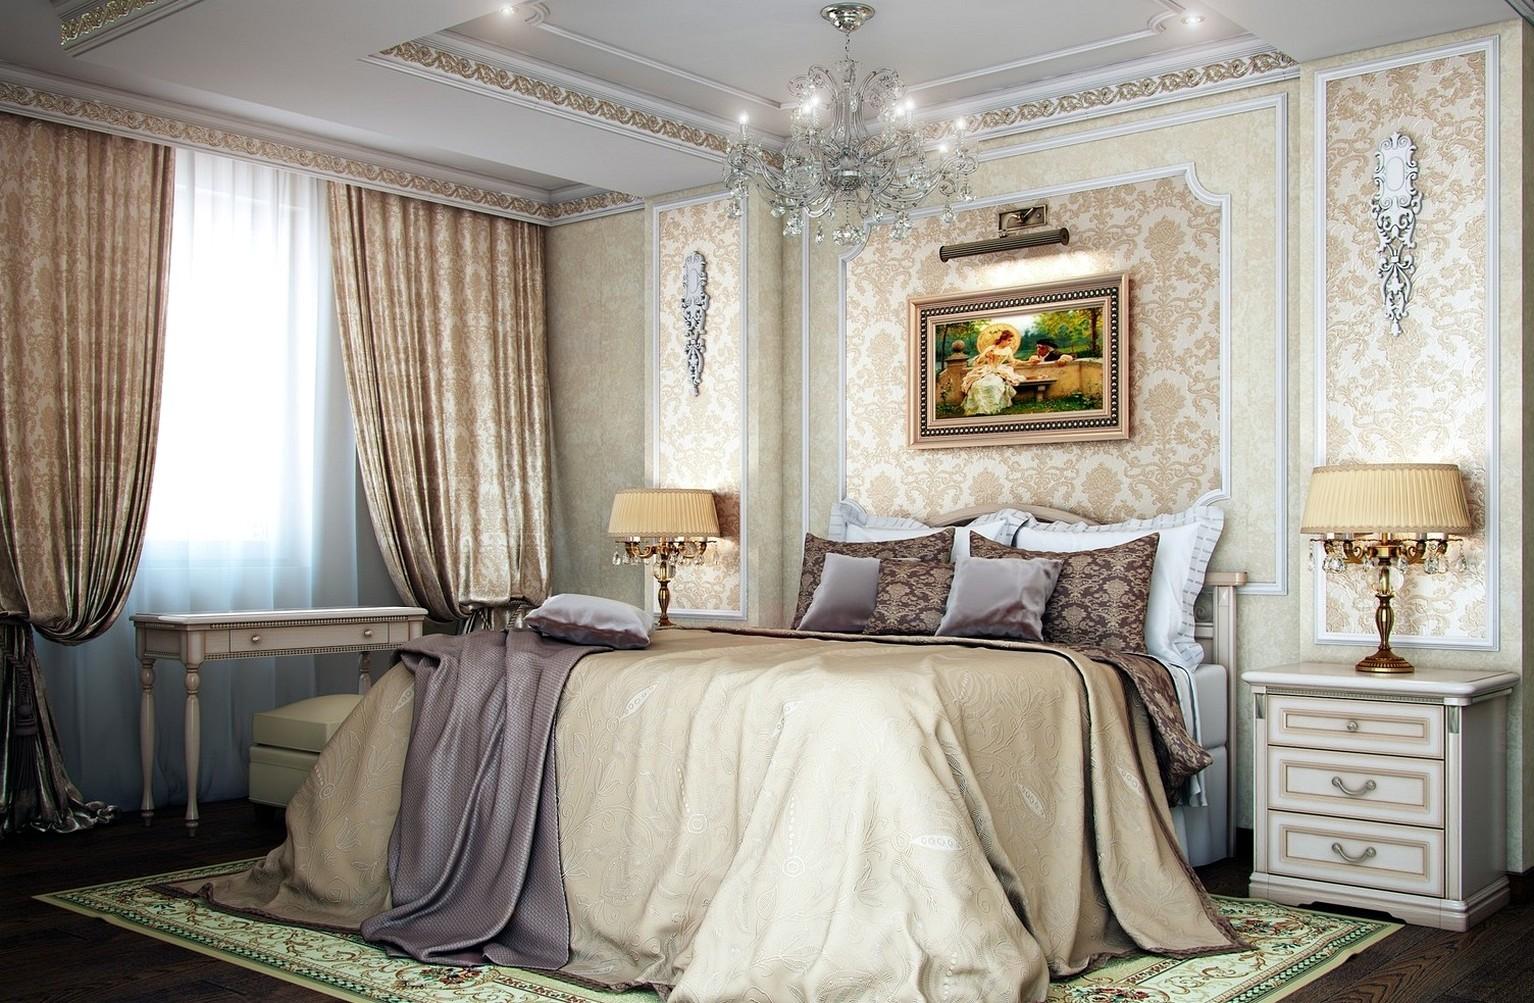 спальня площадью 5 на 5 метров классическая